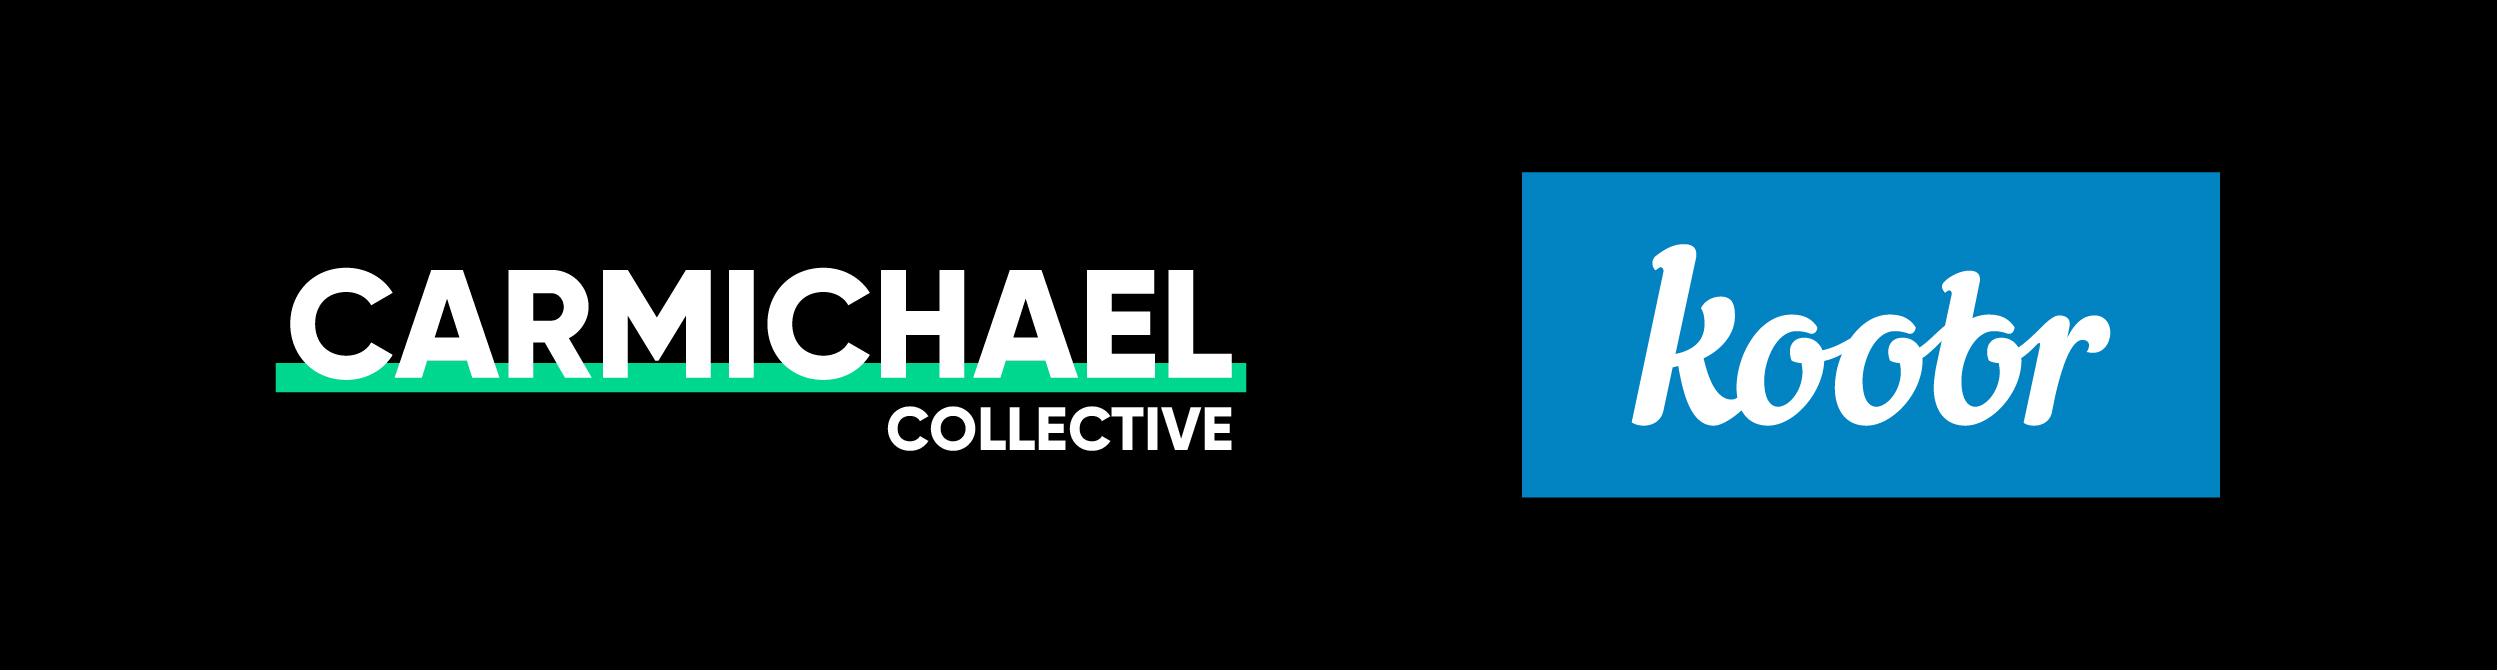 Carmichael Collective